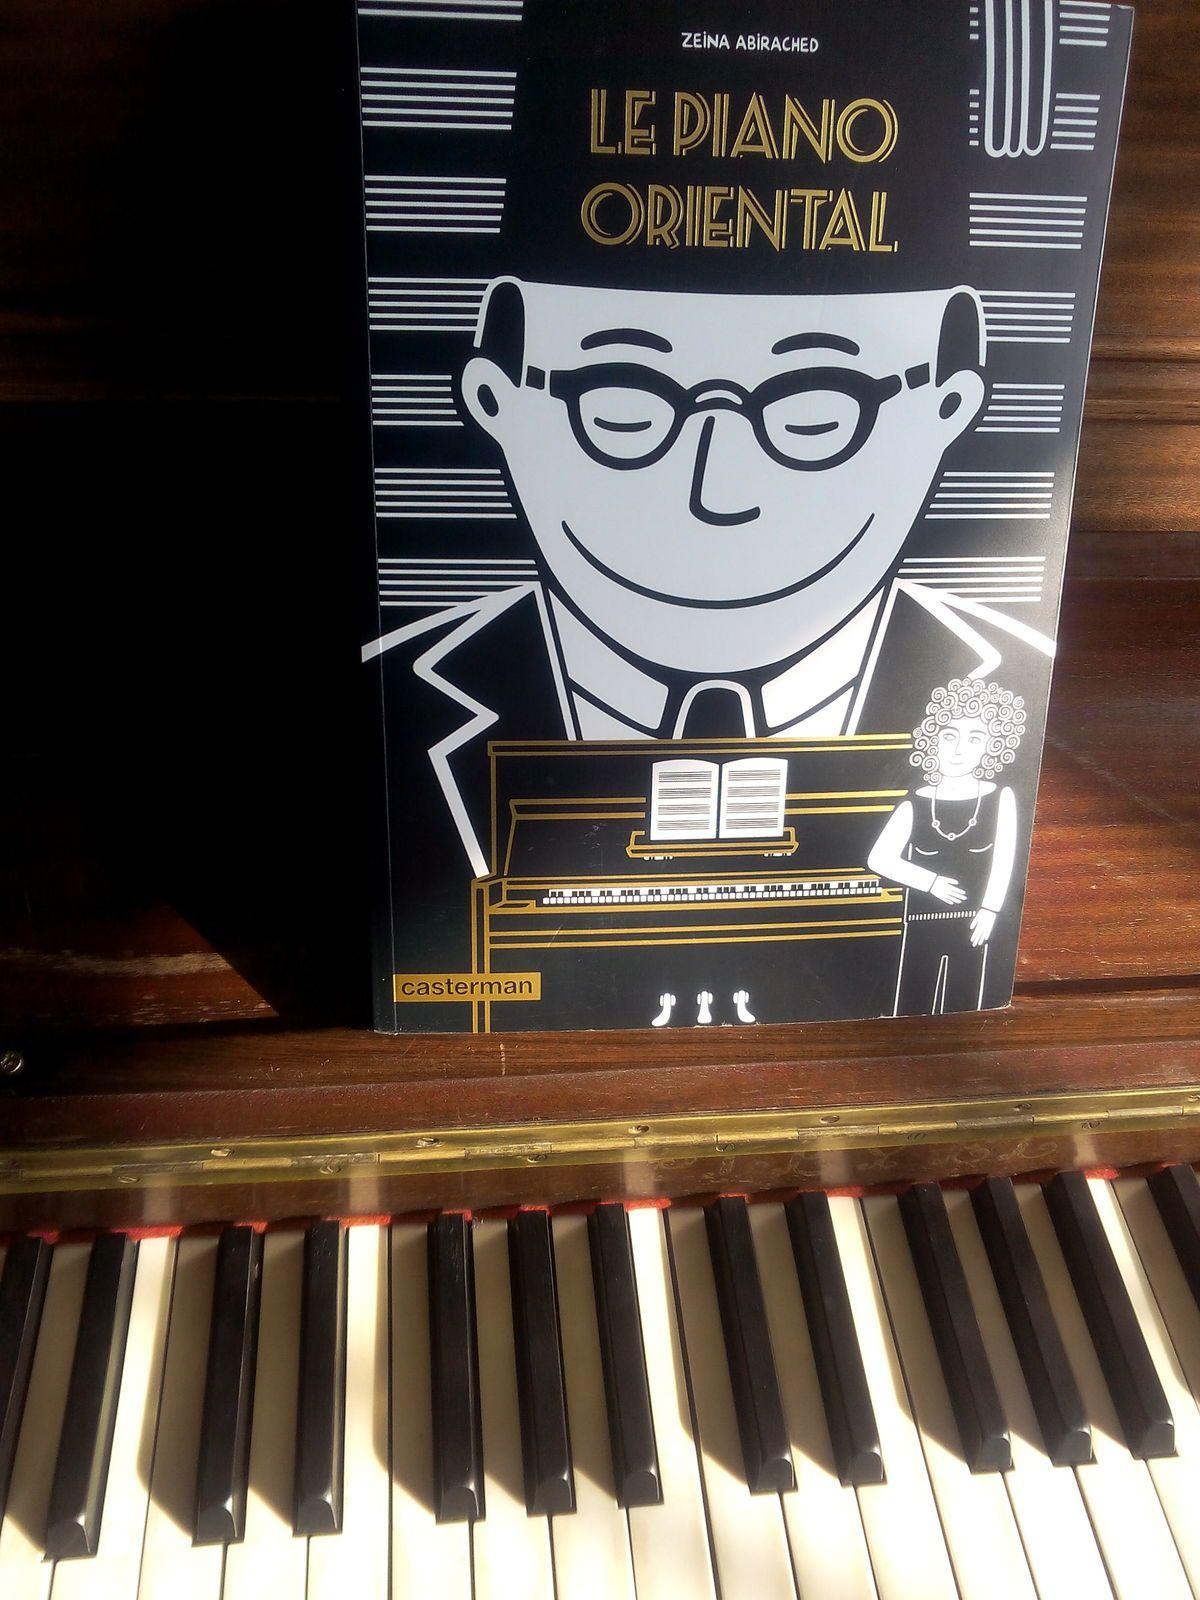 Le piano oriental de Zeina Abirached: un vrai plaisir de lecture